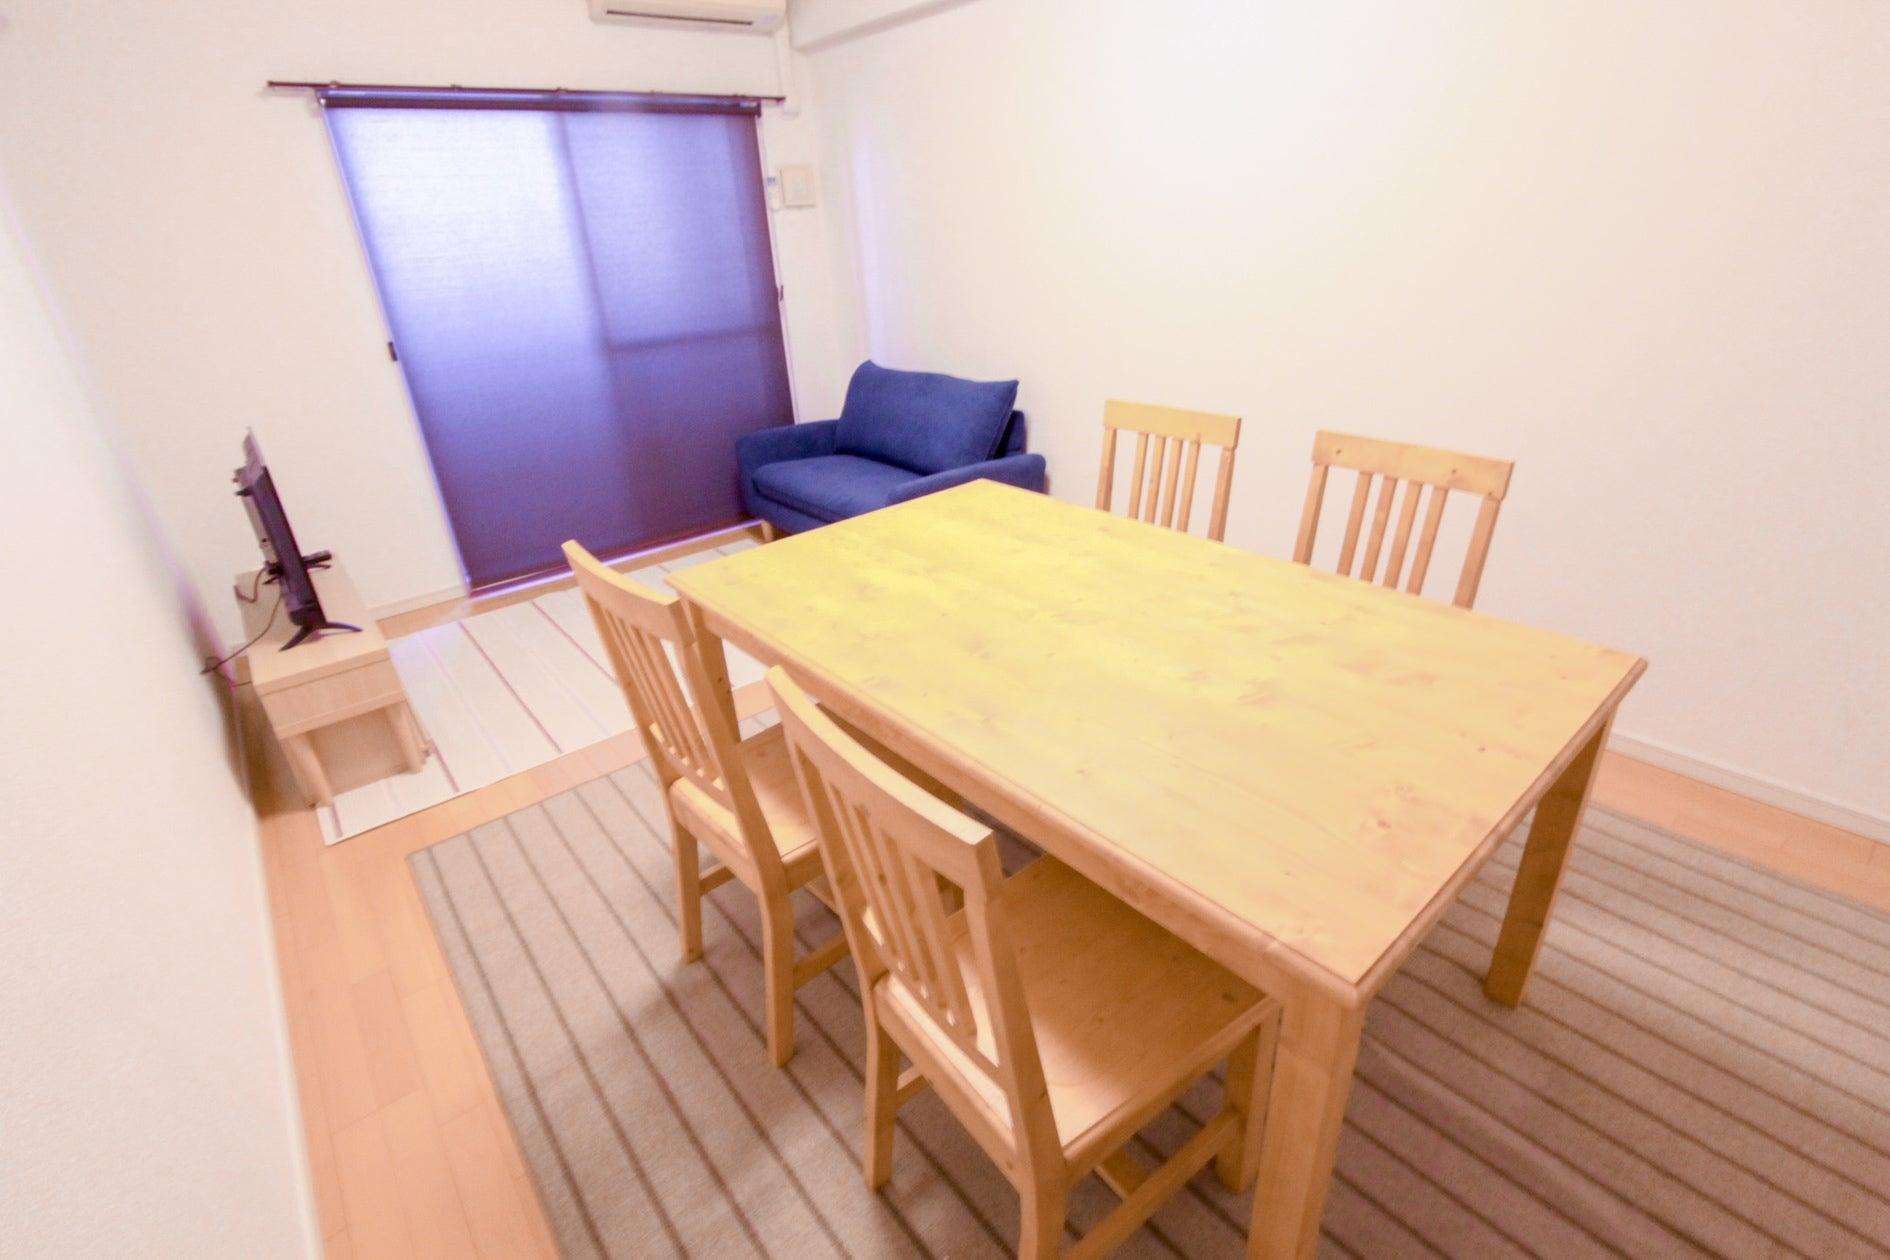 ザ・ブセナ稲荷新道 京都【地下鉄 十条 徒歩8分】住みたくなるほど綺麗な部屋でパーティや撮影に!シャワーも使えます! の写真